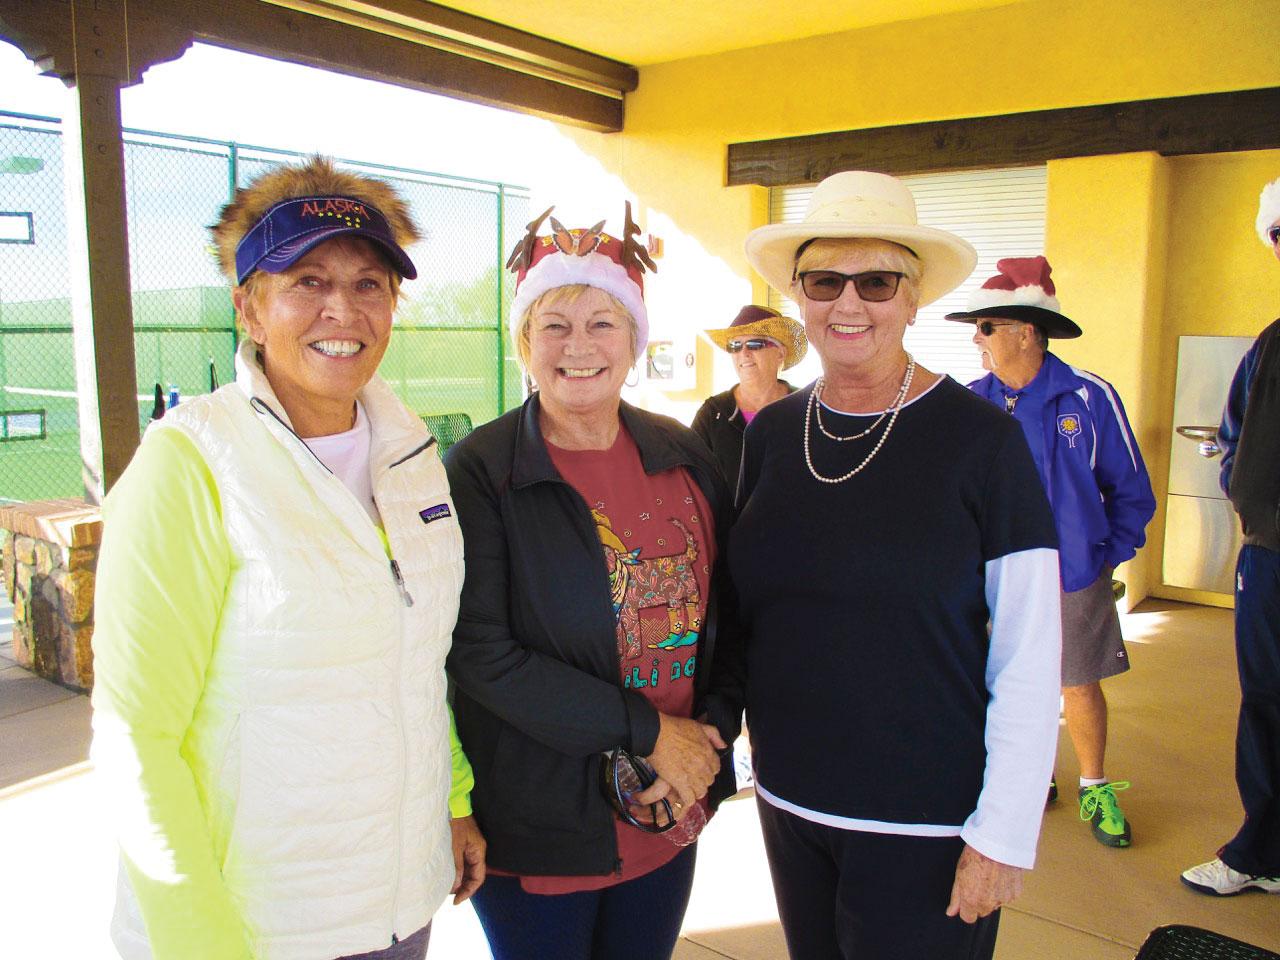 Anita Johnson, Toni McDole and Priscilla Wolf